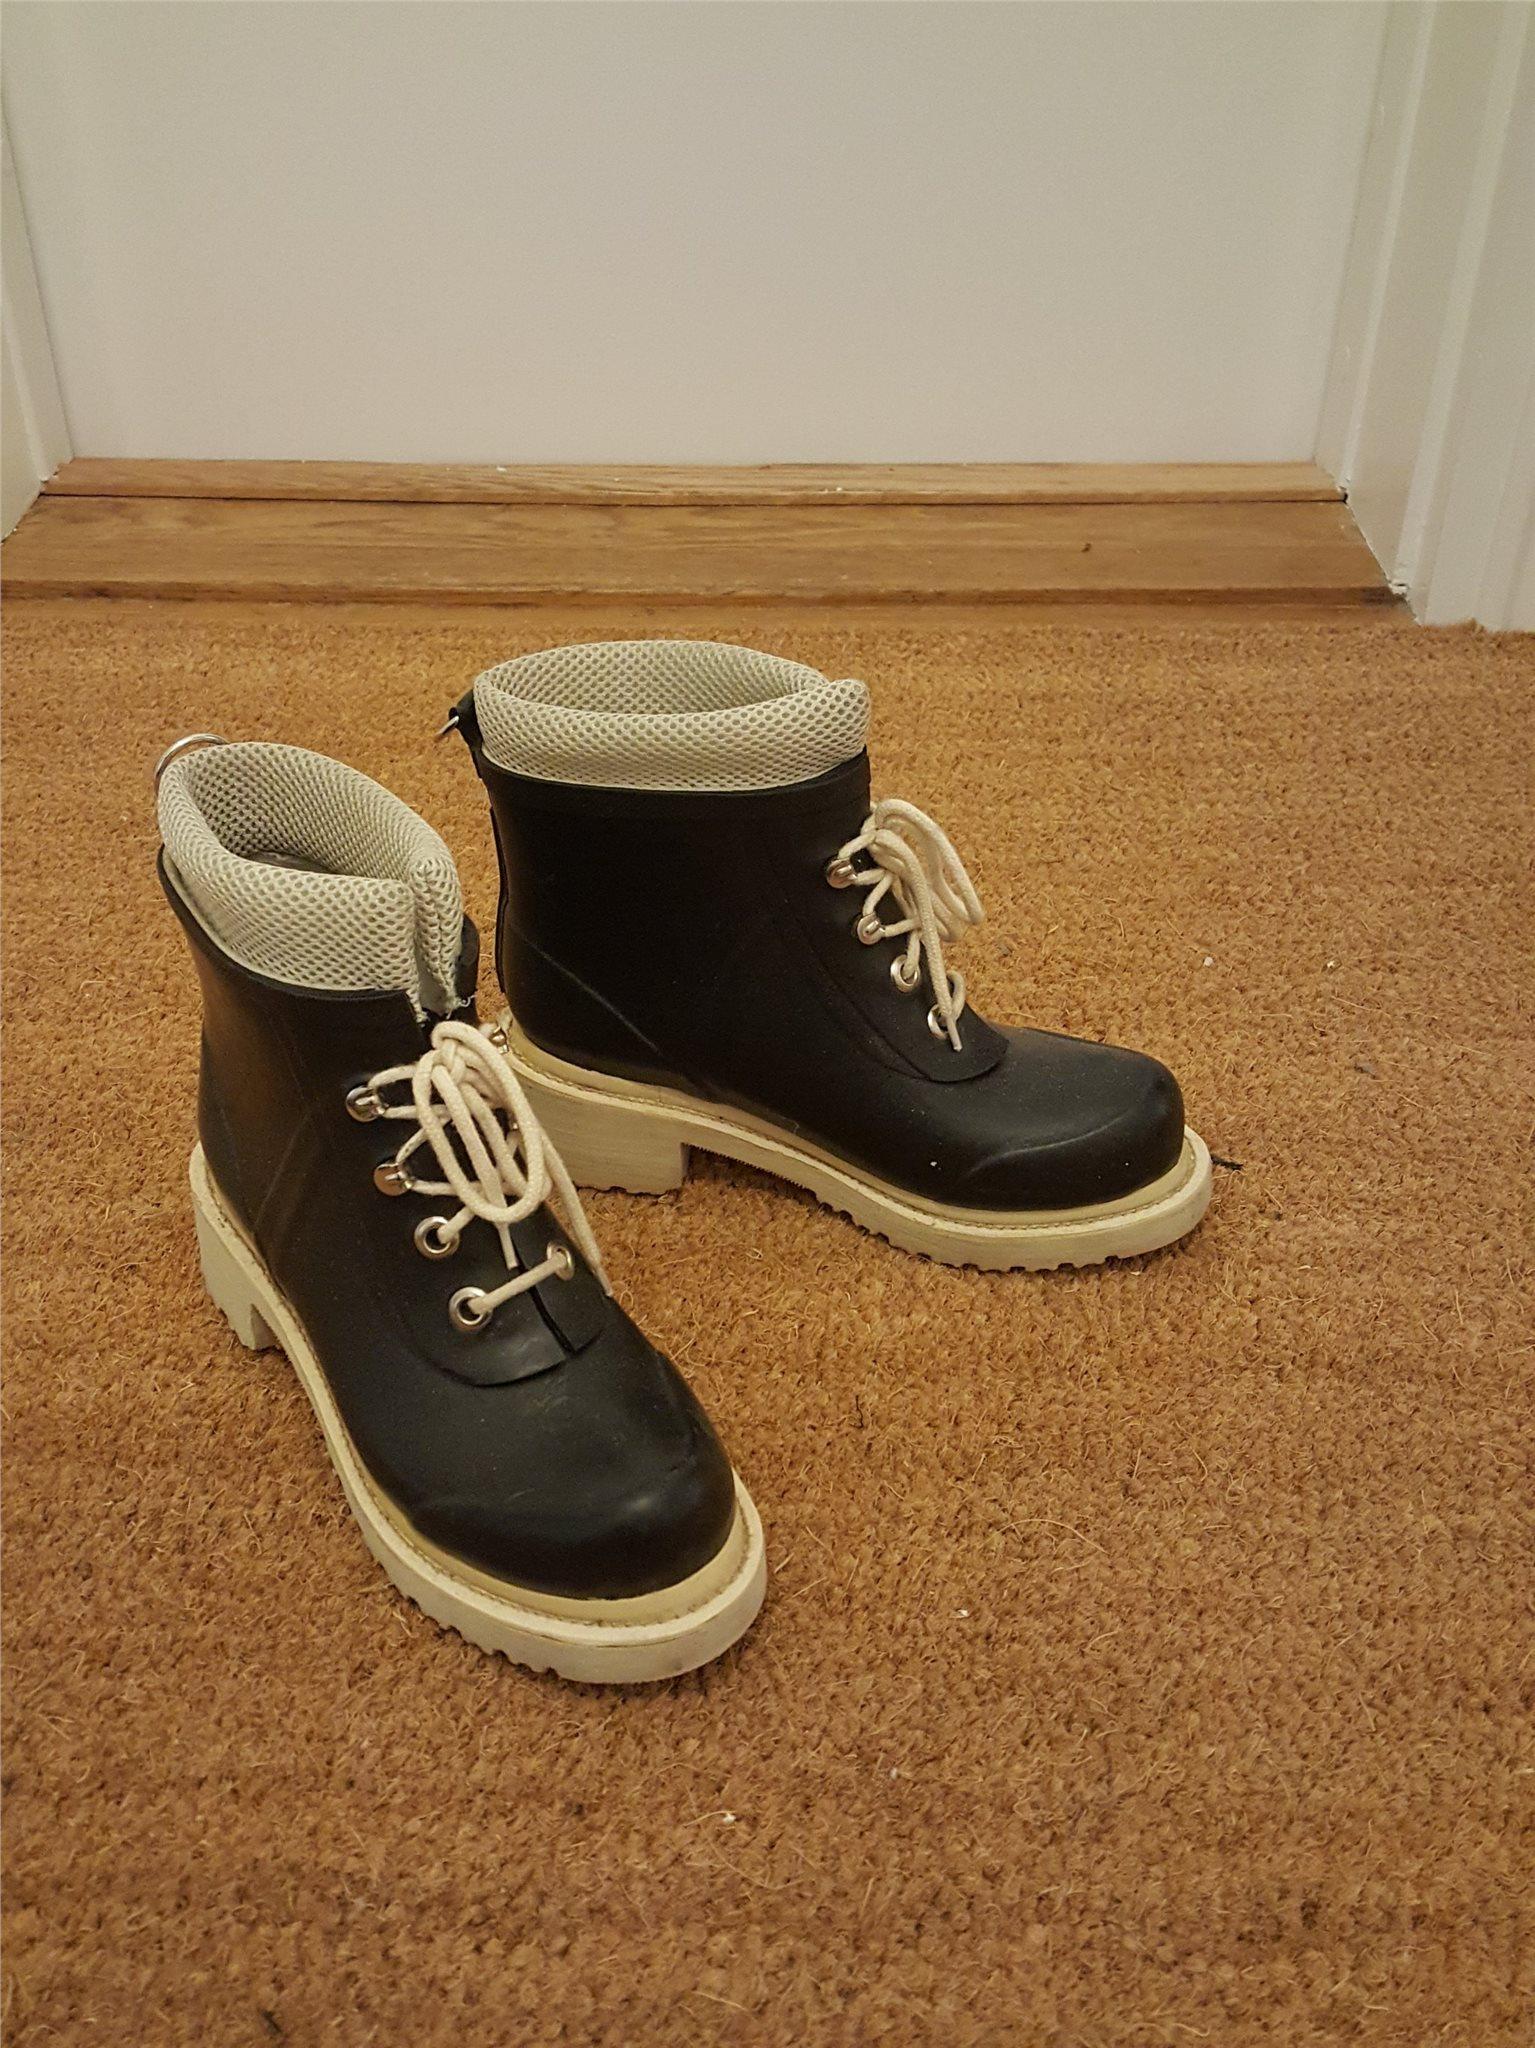 snygga fodrade skor